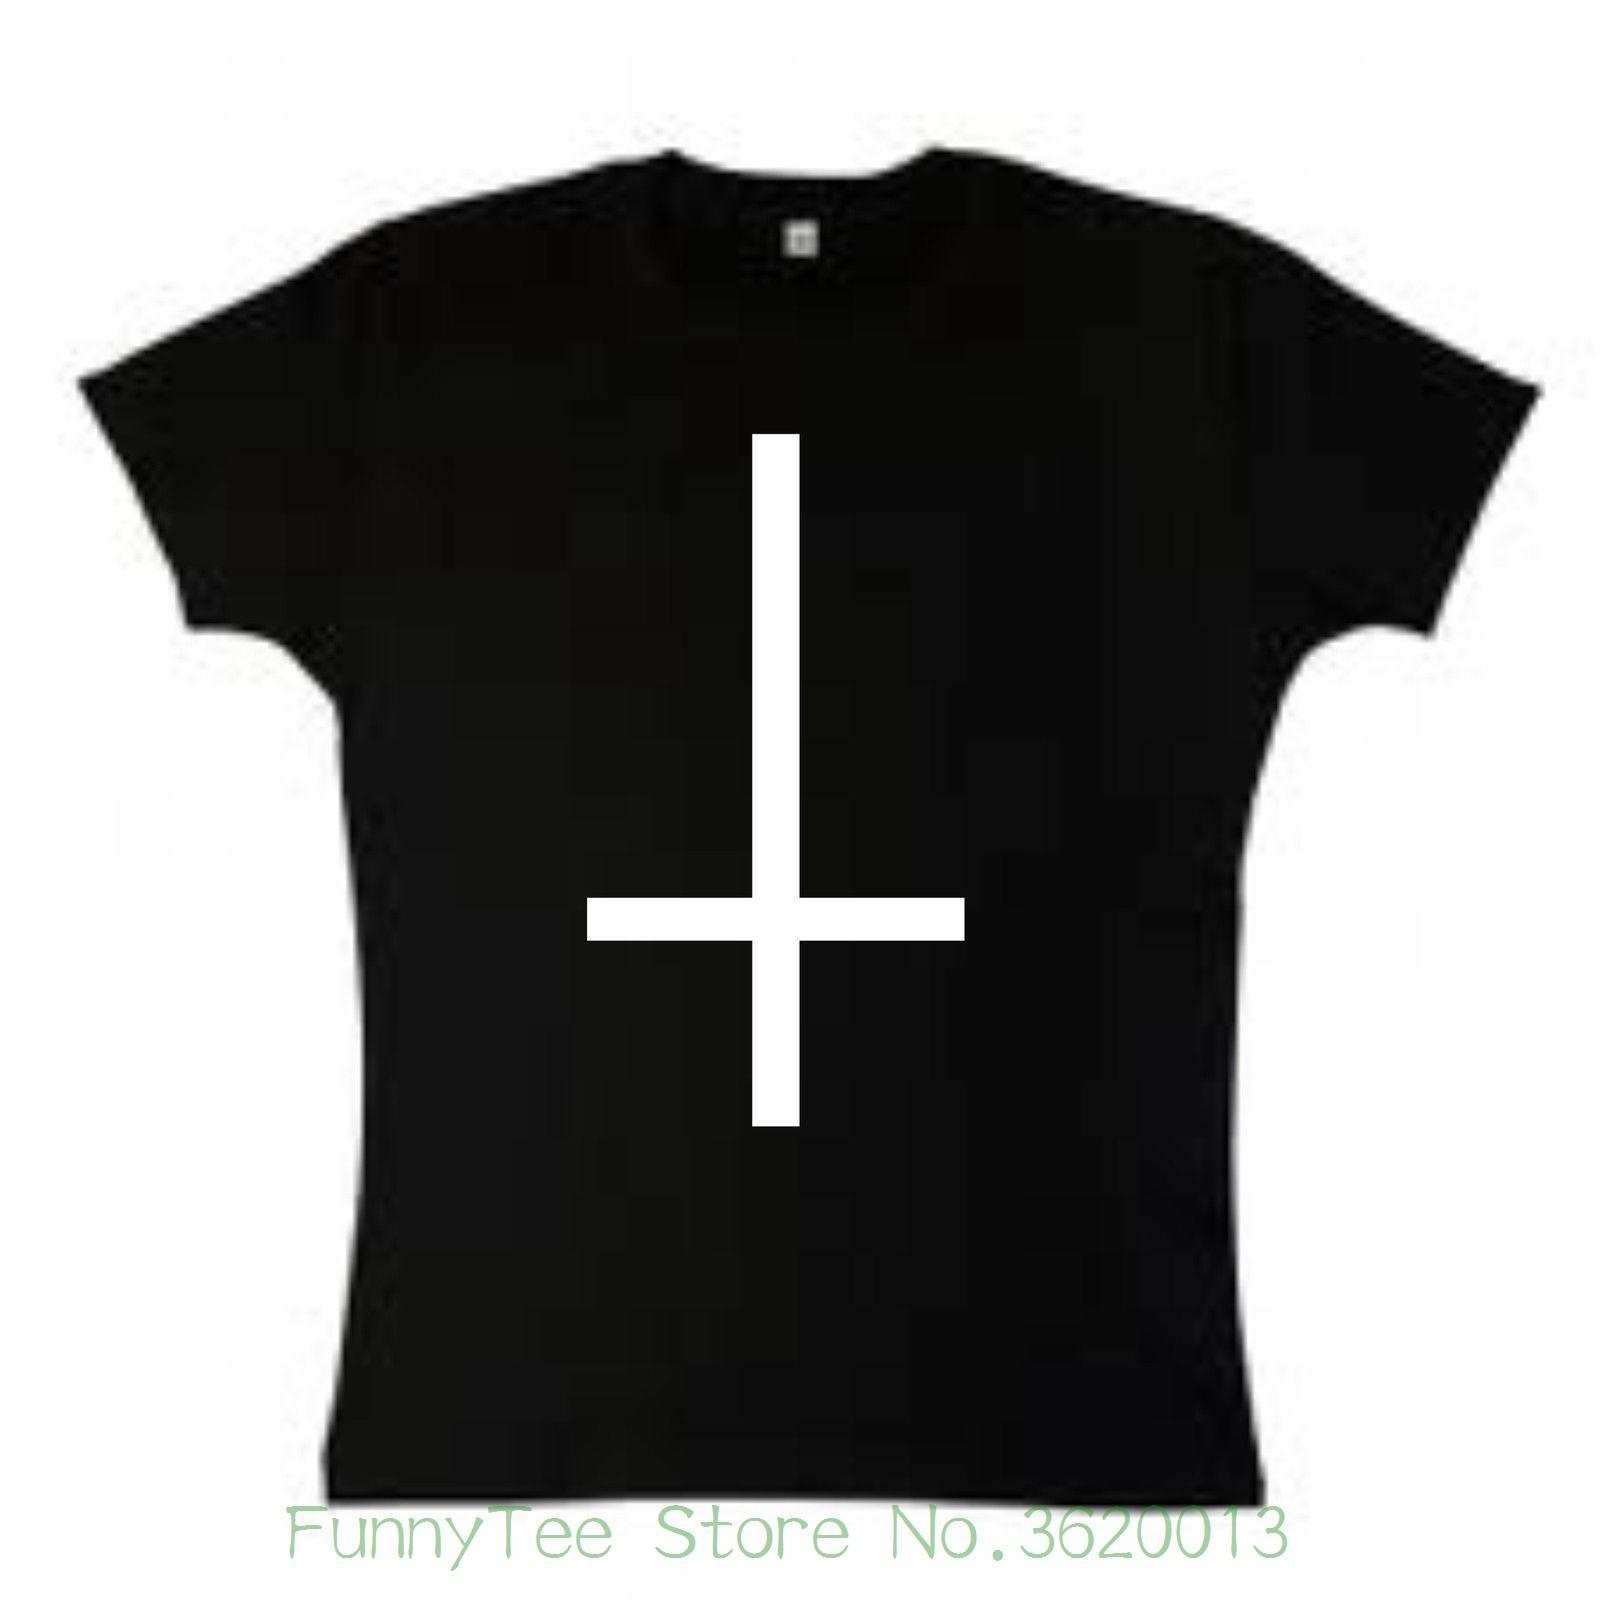 4390a09ffd9 Compre T Das Mulheres De Cabeça Para Baixo Cruz Feminino Fit T Shirt  Gótico